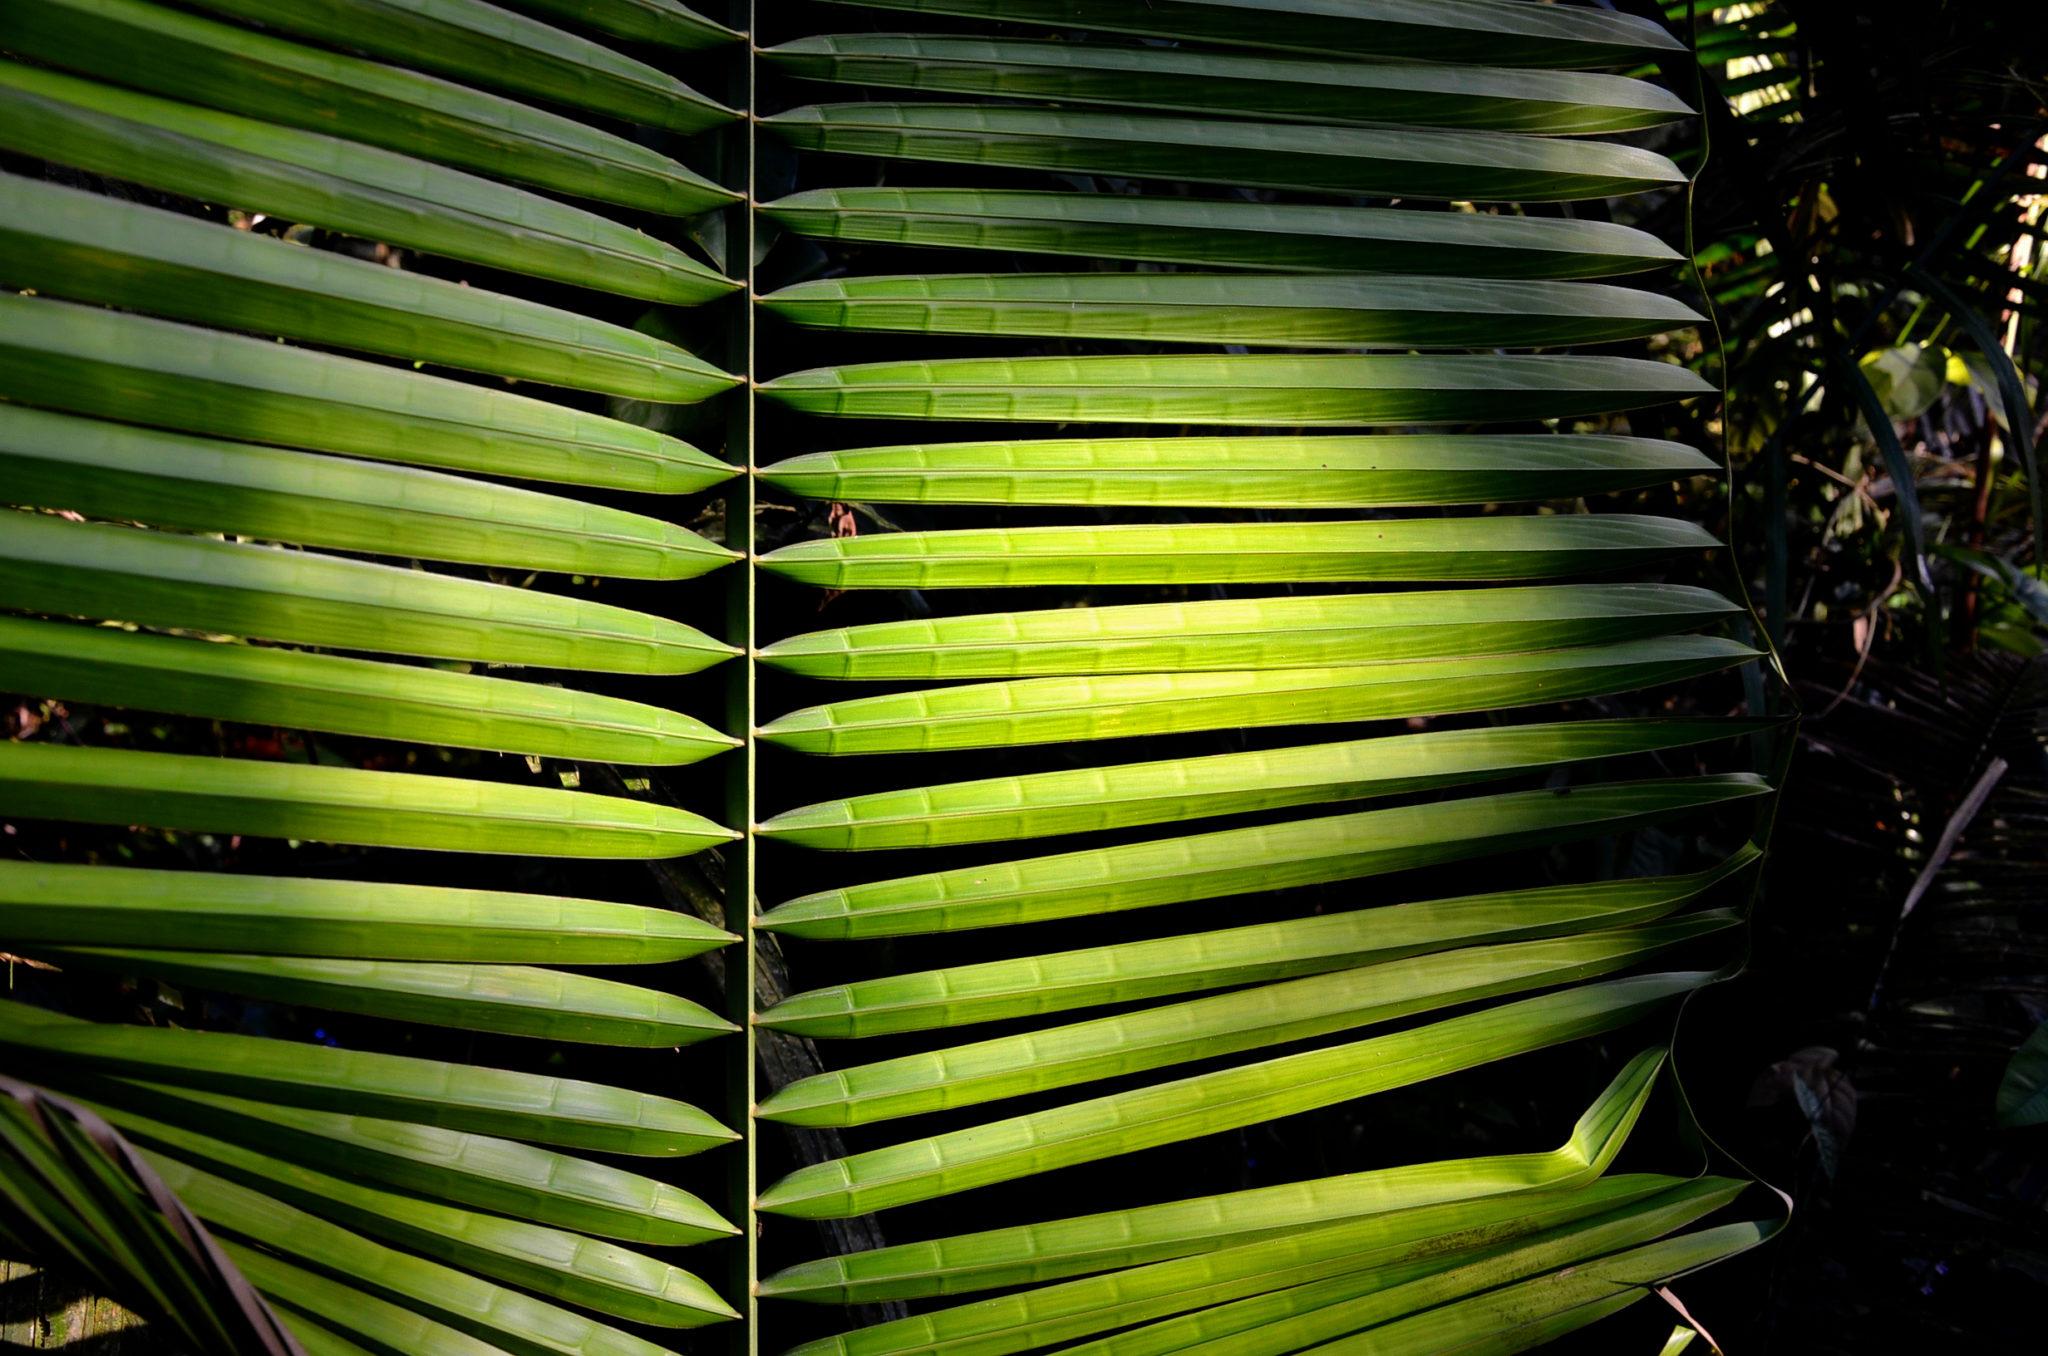 ecuador-piranhas-angeln-palme